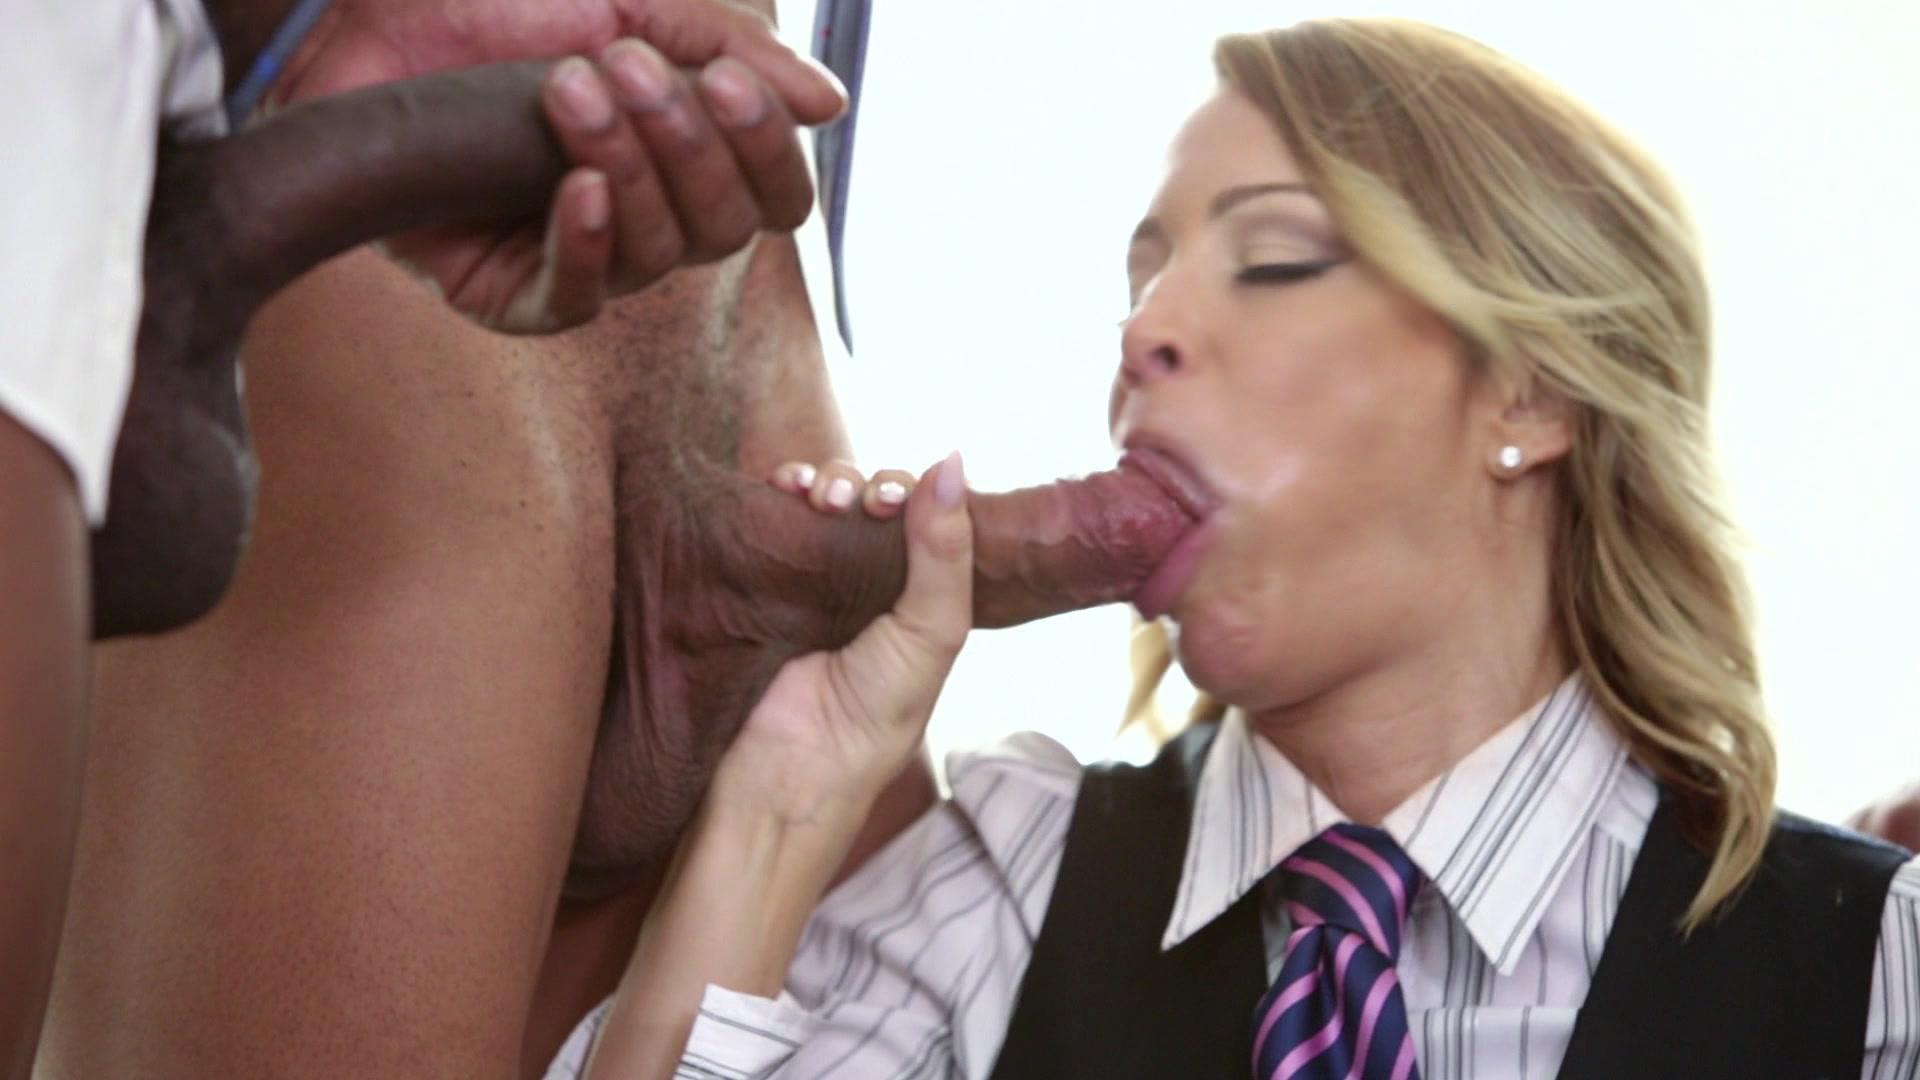 Смотреть порно анал с джессикой дрейк, Джессика дрейк анал - видео top Her Flesh HD 15 фотография